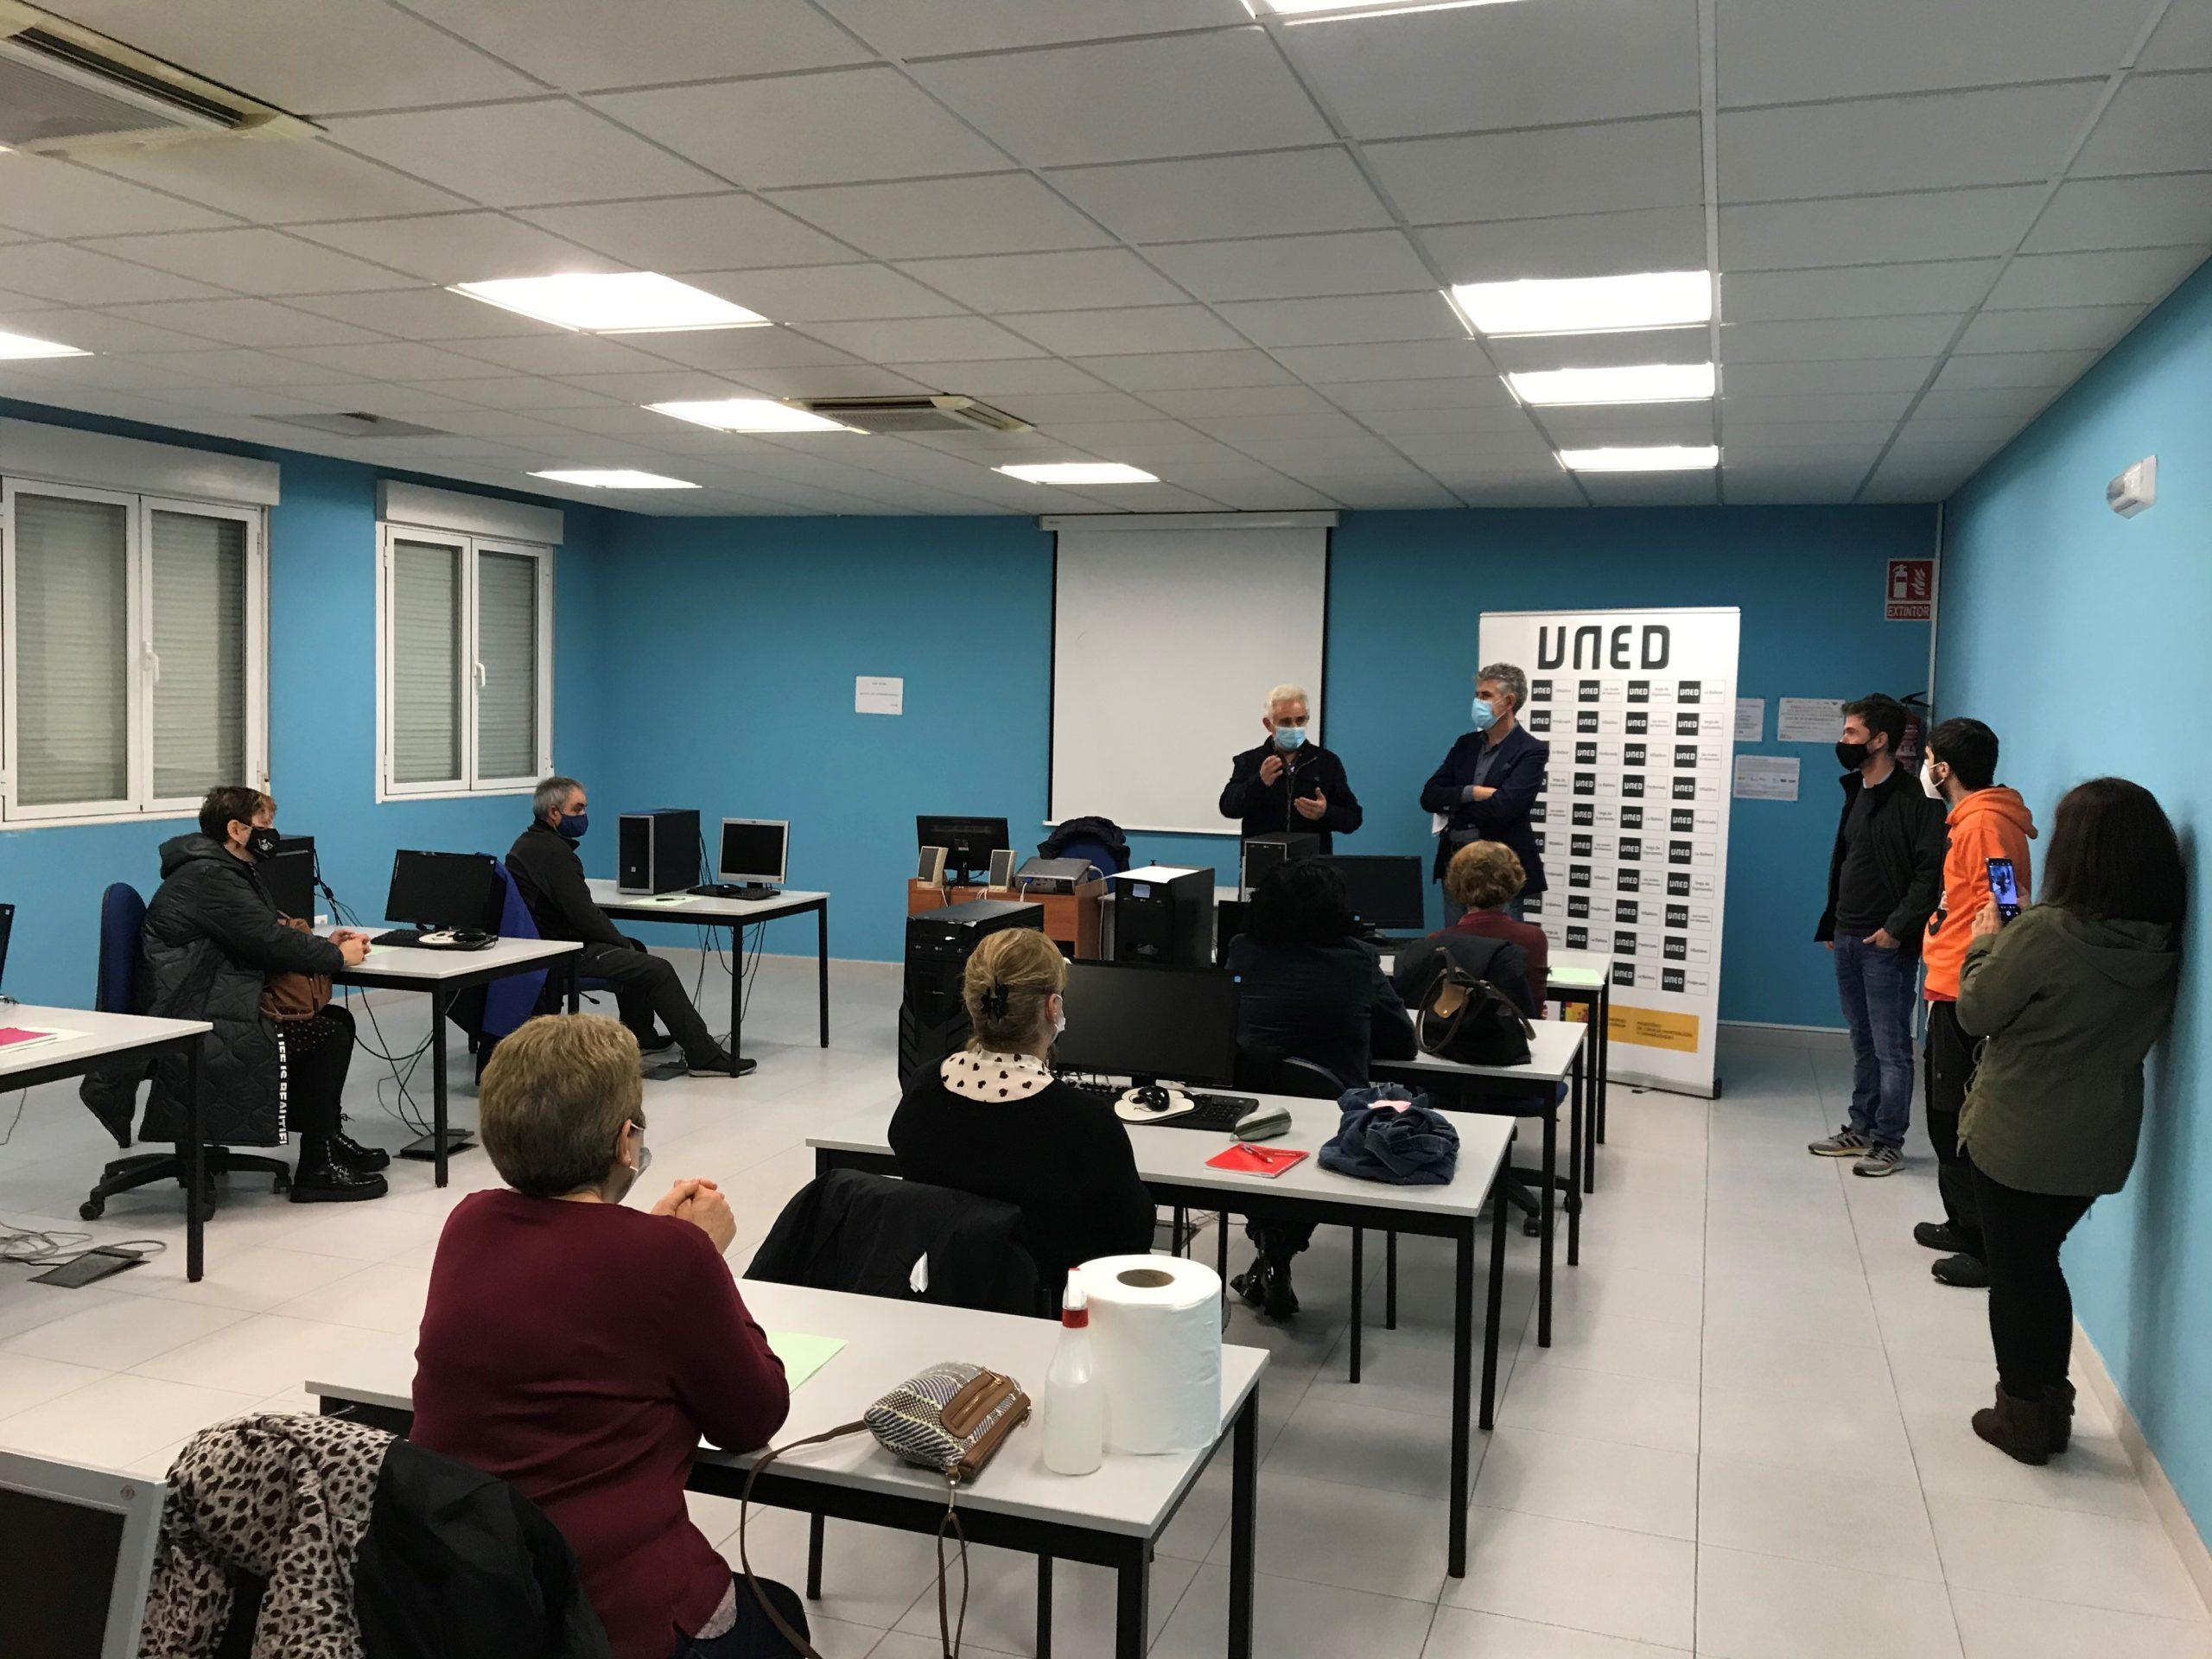 Comienza la actividad del programa UNED SENIOR en el Aula de la UNED en Vega de Espinareda 1